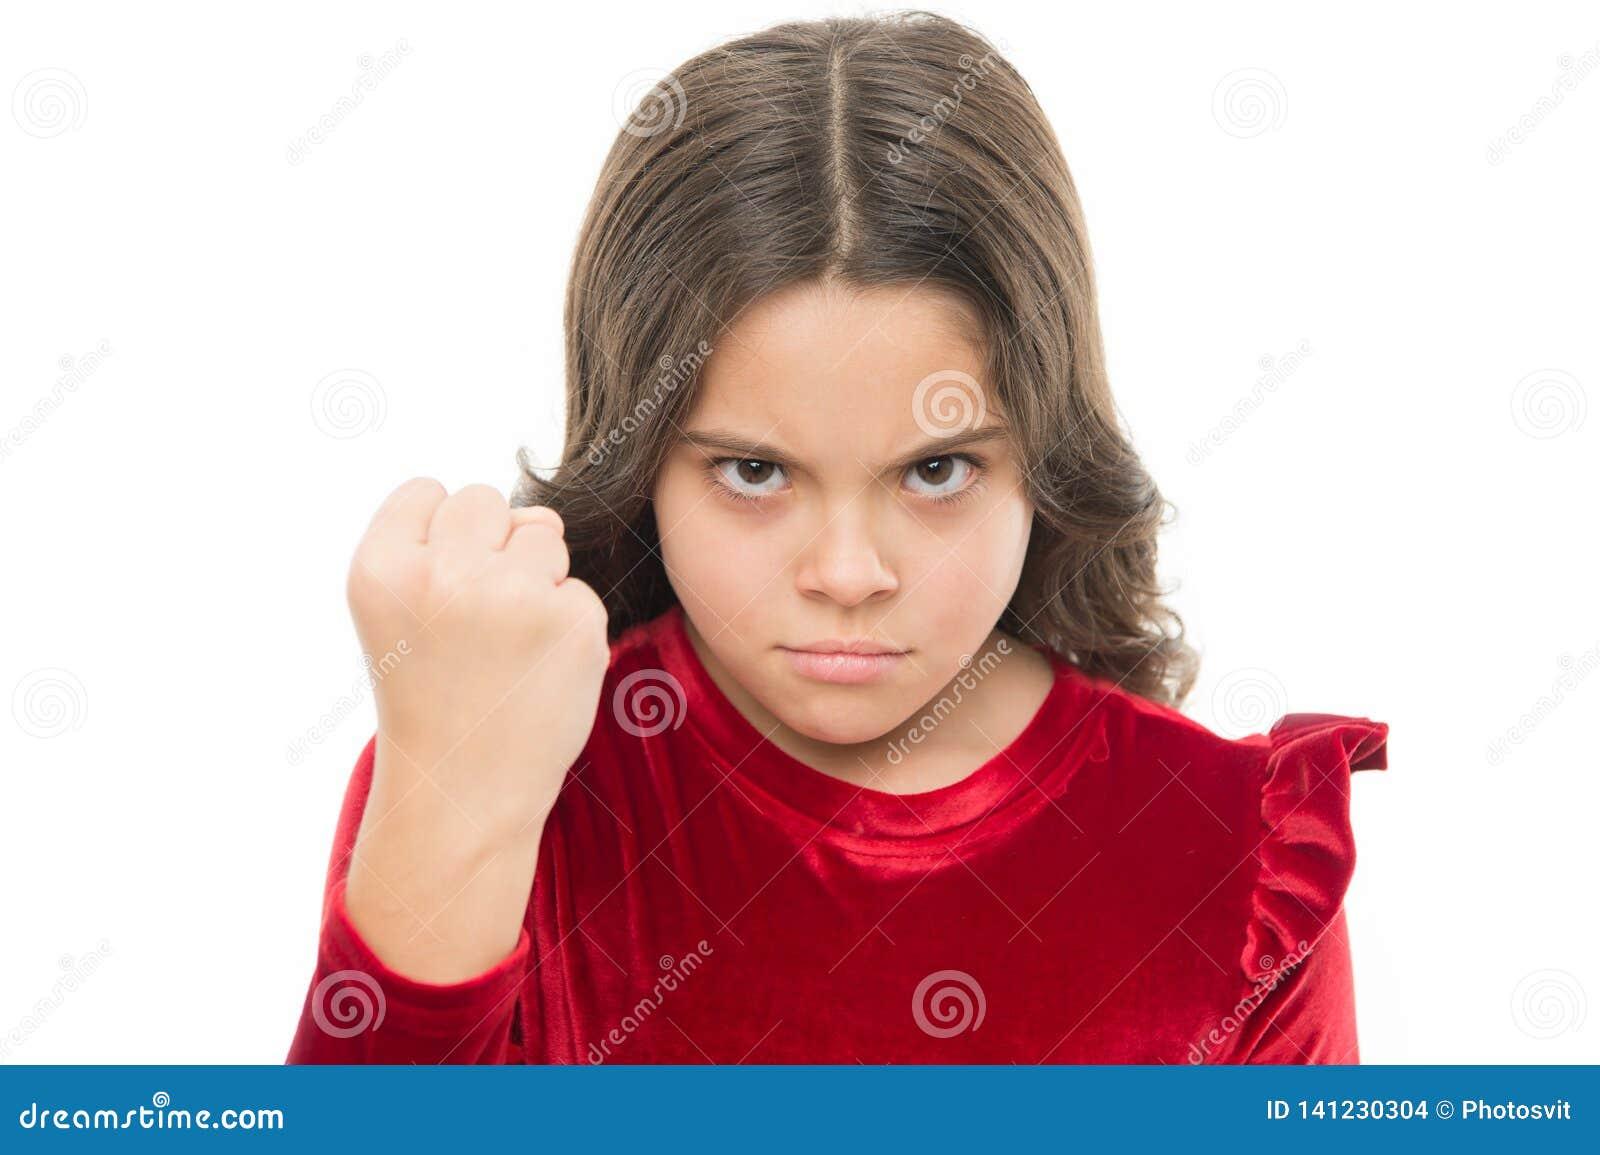 Het dreigen met fysieke aanval Het concept van de jonge geitjesagressie Agressief meisje die u dreigen te slaan Gevaarlijk meisje